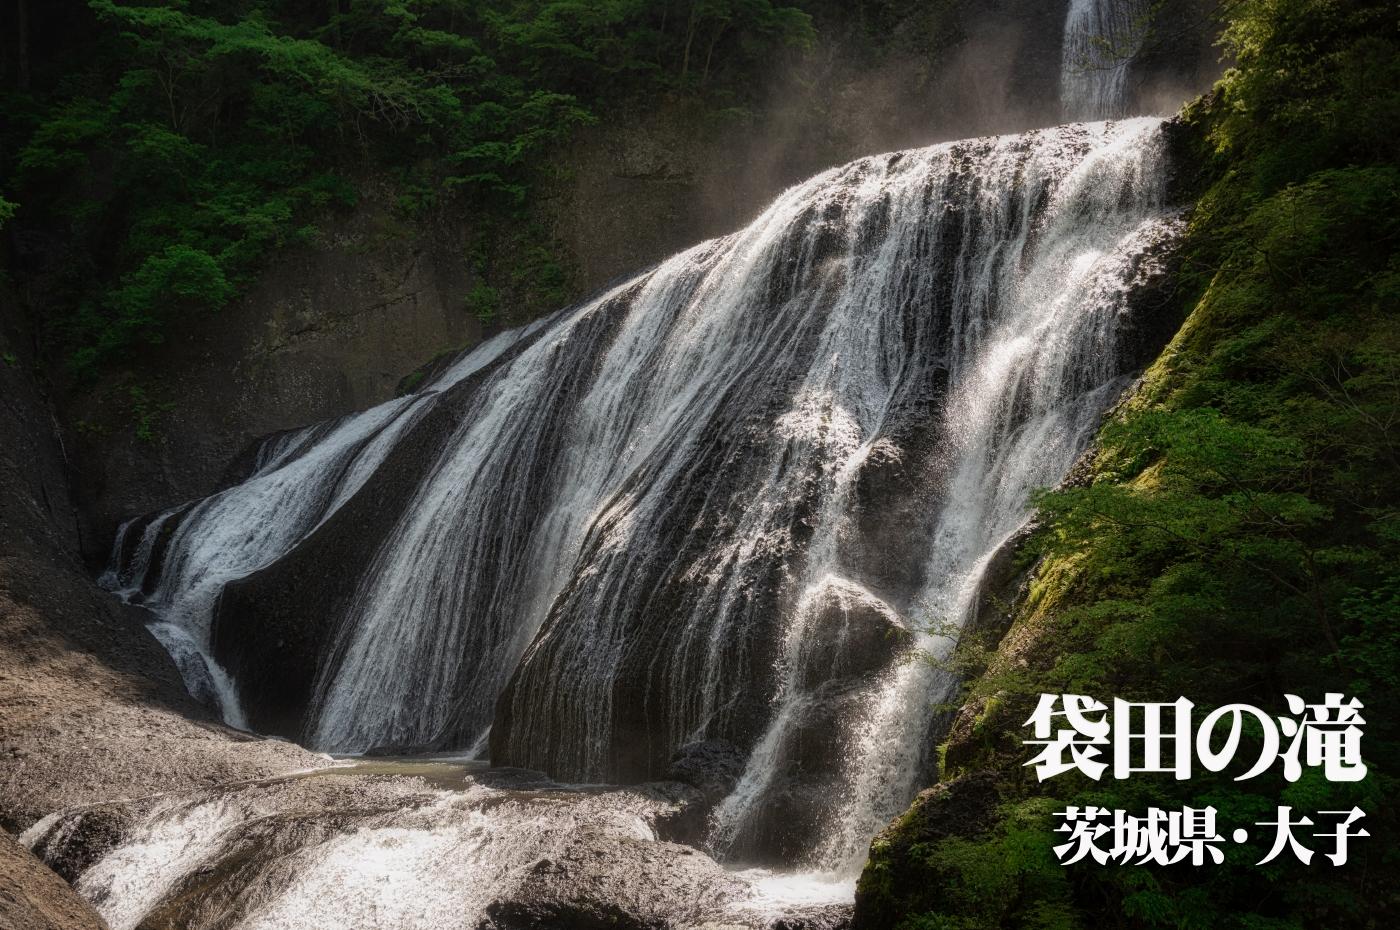 袋田の滝 ~茨城県・大子~ 日本三名瀑